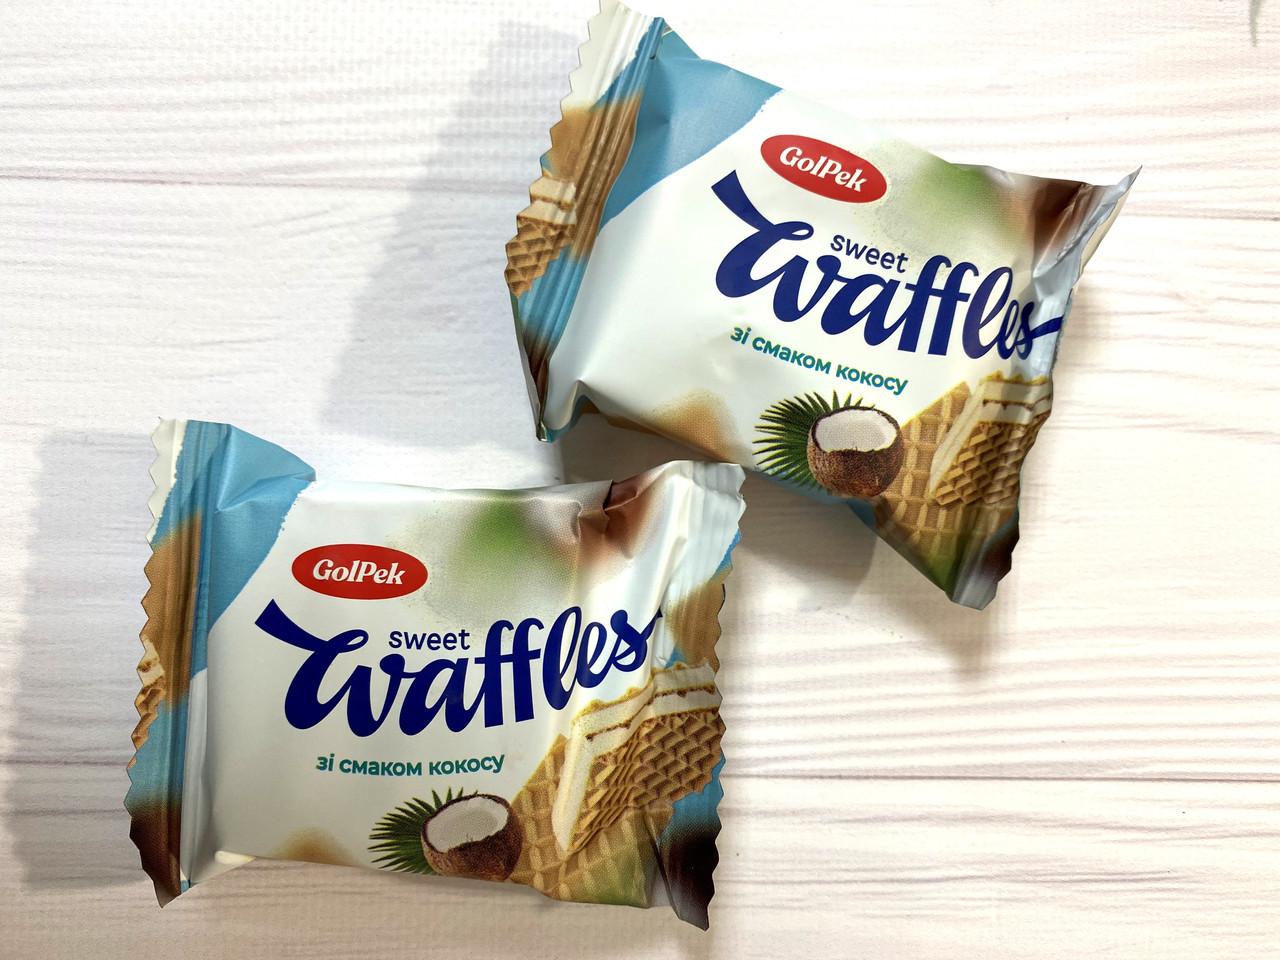 Вафельная конфета свит вафель (sweet waffles) кокос 1.5 кг